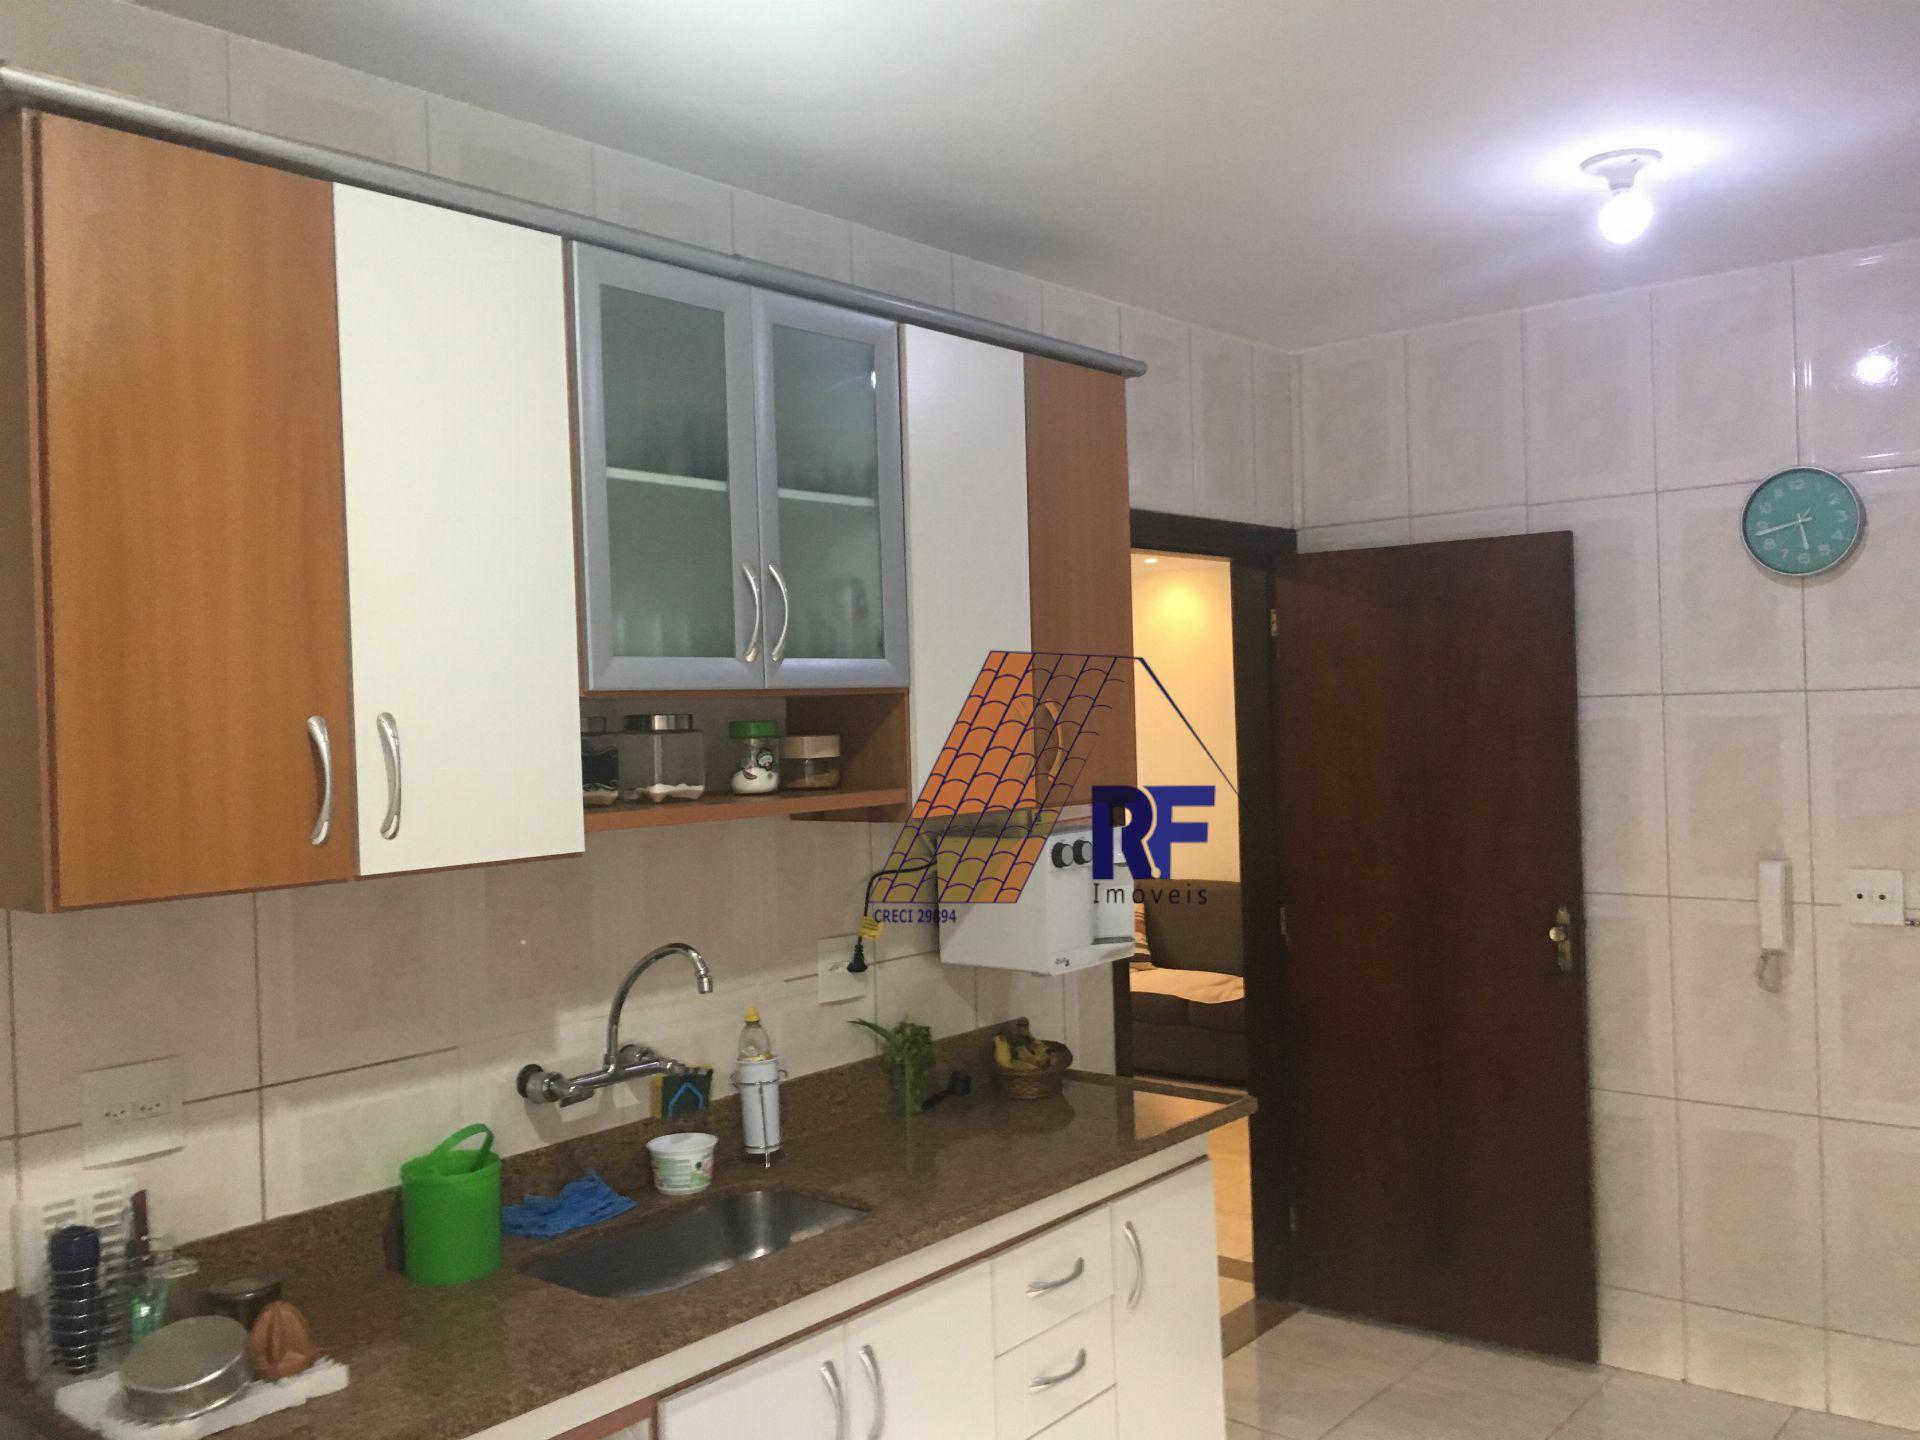 FOTO 3 - Apartamento à venda Rua Águas Mornas,Vila Valqueire, Rio de Janeiro - R$ 580.000 - RF130 - 4